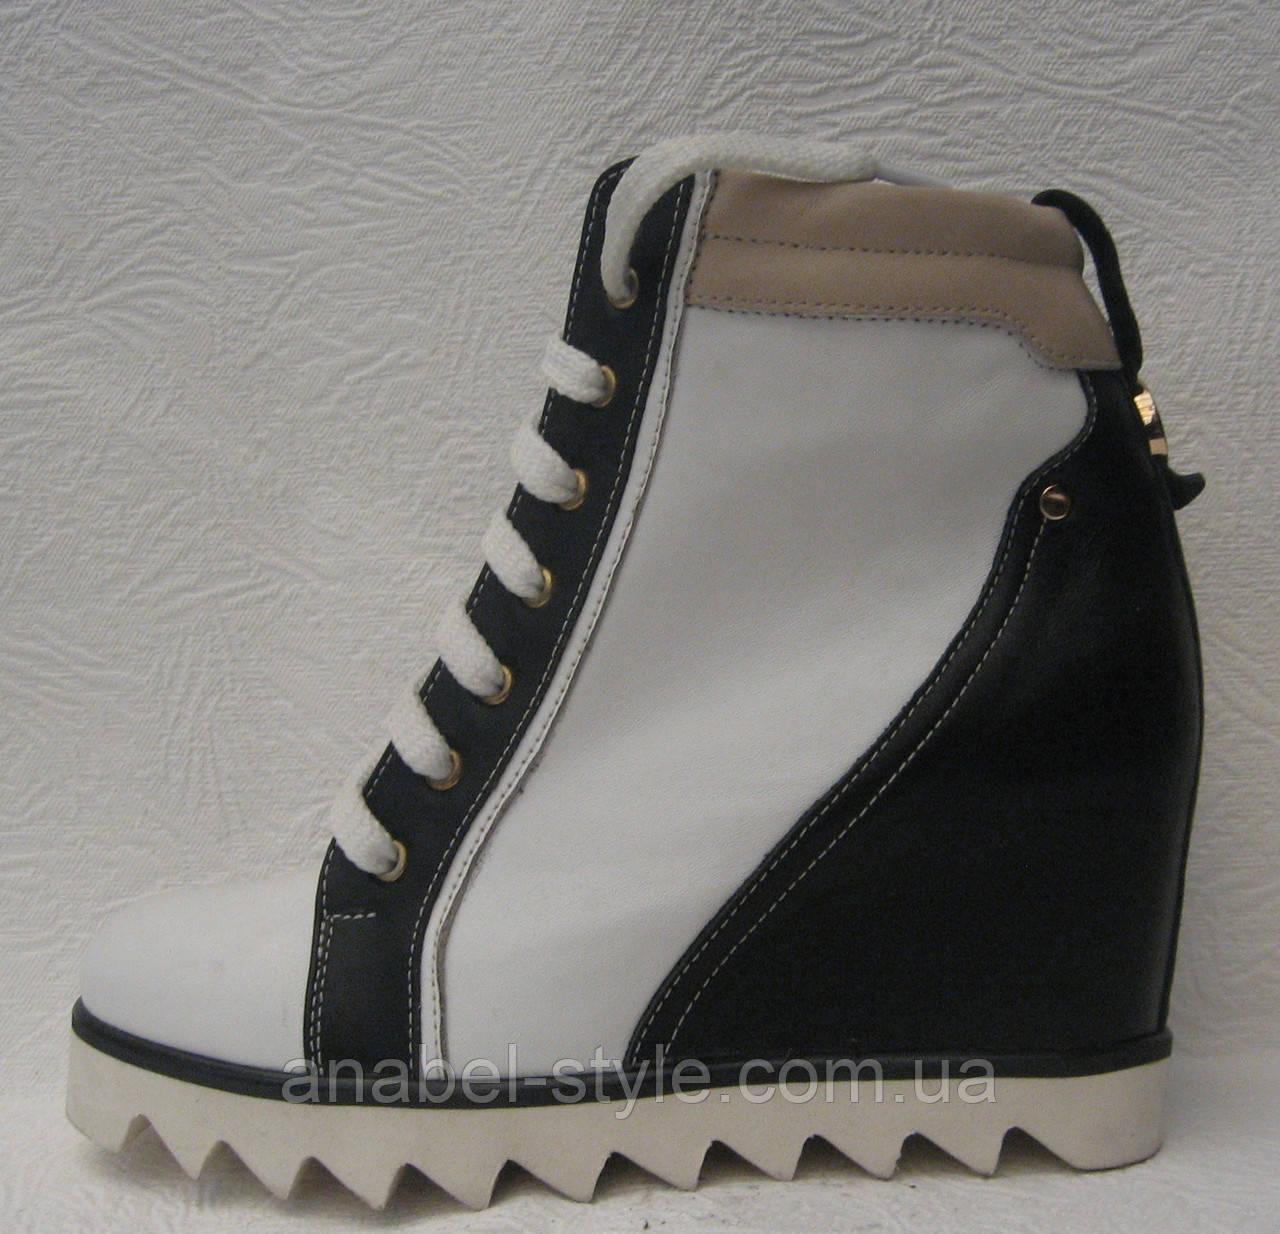 Сникерсы женские стильные на шнуровке на танкетке Код 105.к